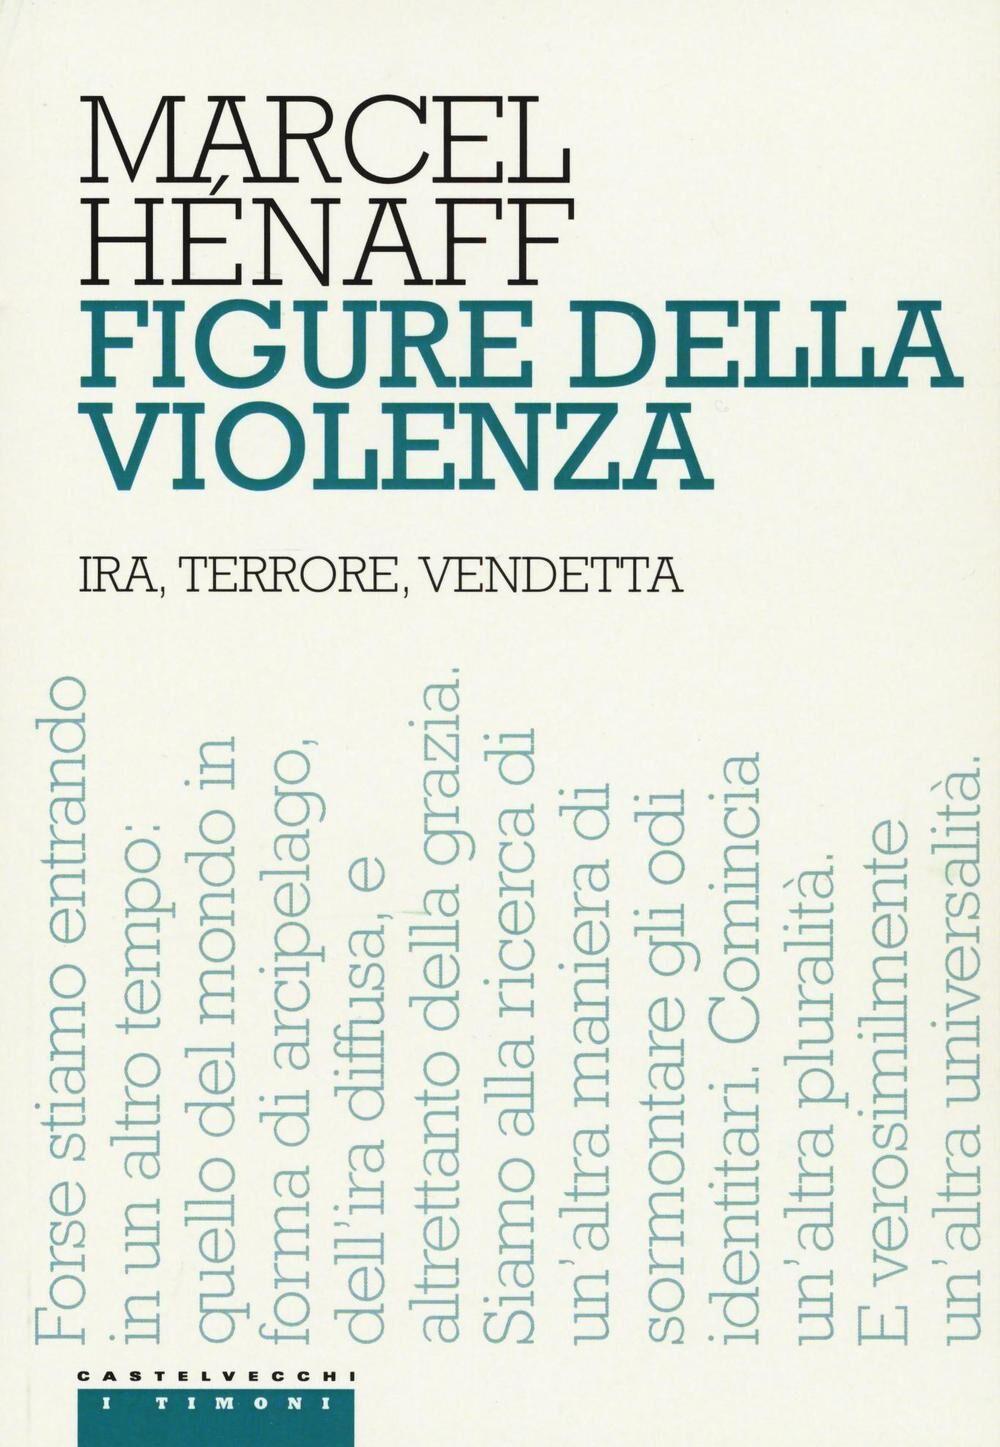 Figure della violenza. Ira, terrore, vendetta